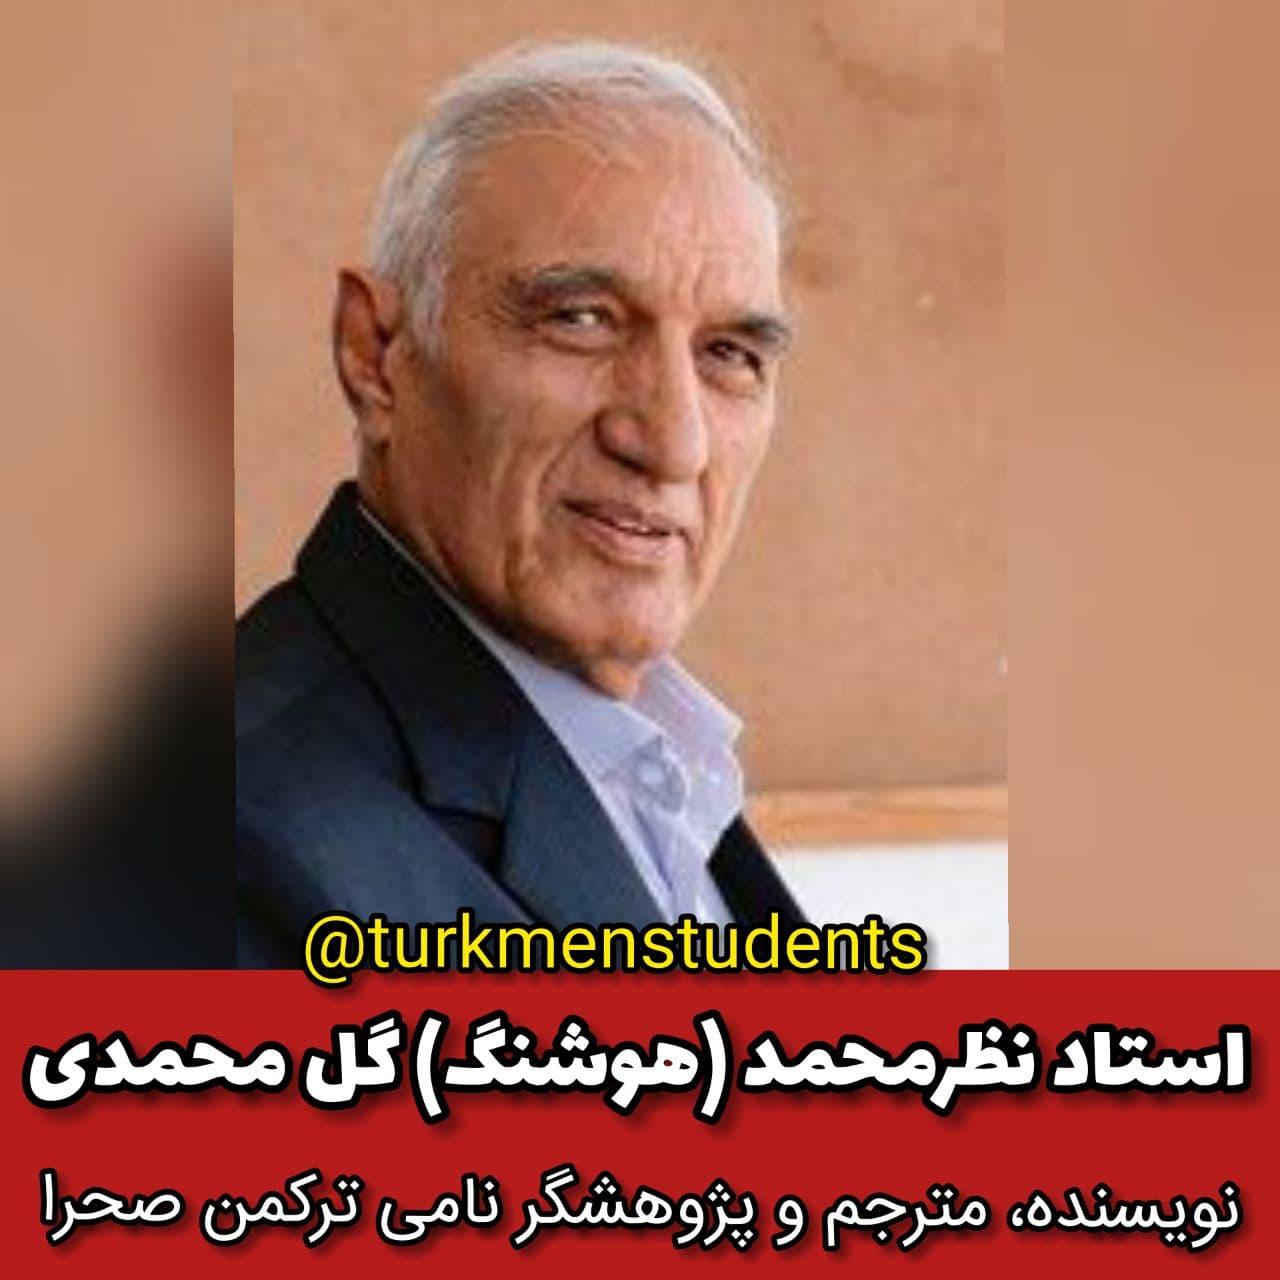 استاد نظرمحمد(هوشنگ) گل محمدی